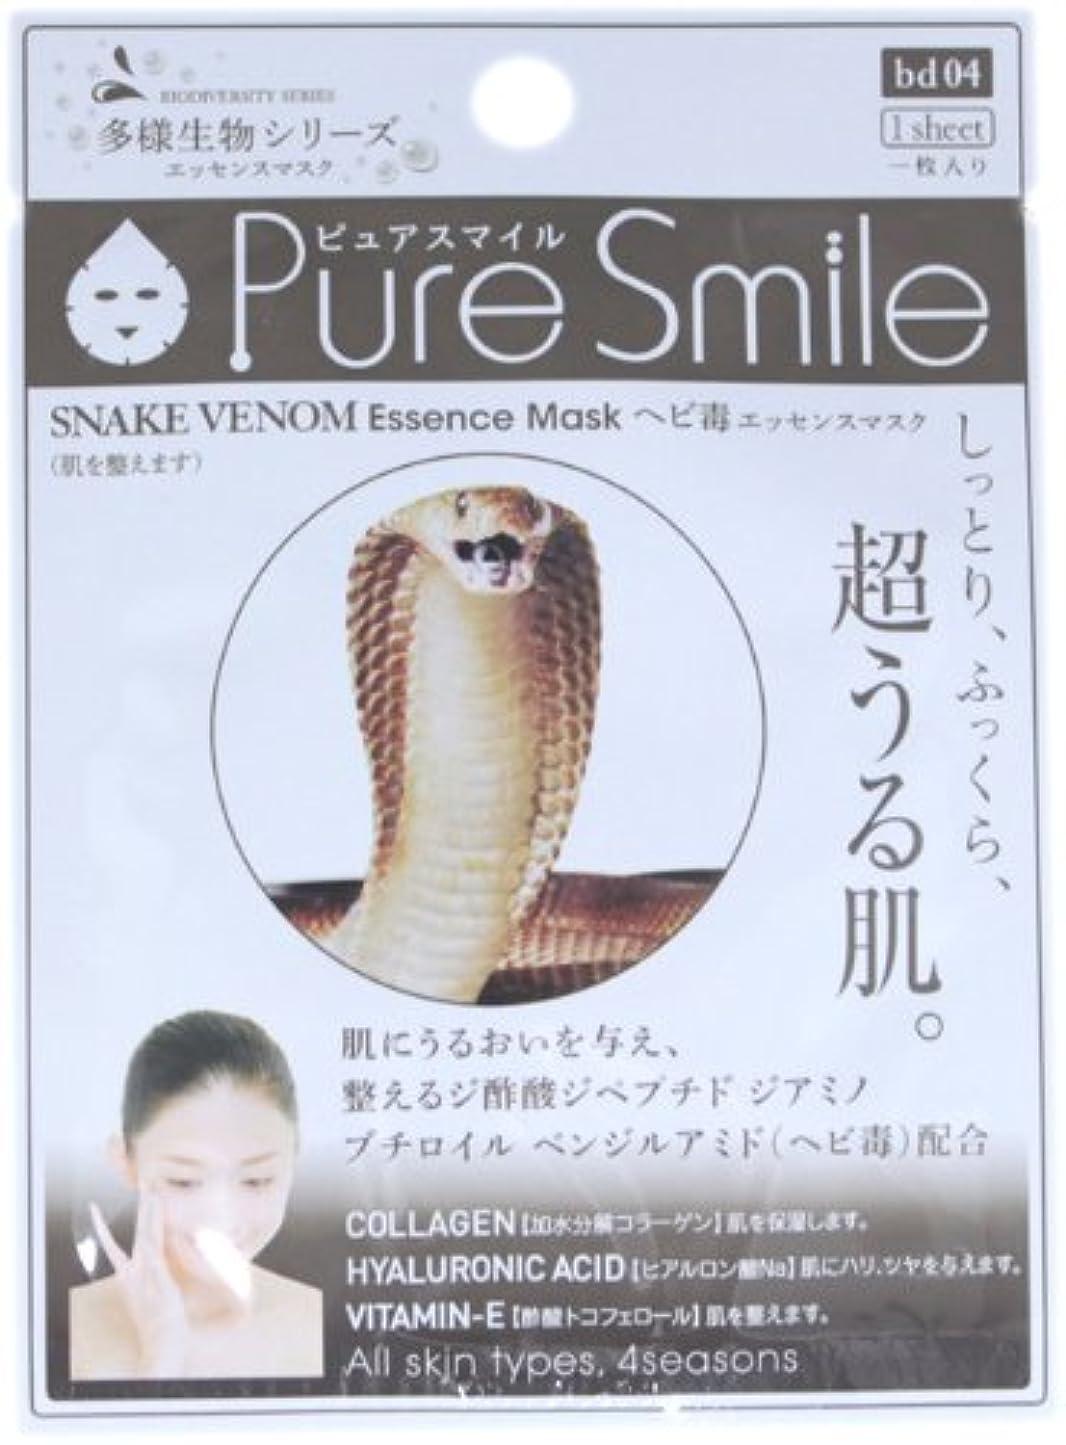 藤色吸い込む前述のピュアスマイルエッセンスマスク多様生物シリーズ ヘビ毒20枚セット